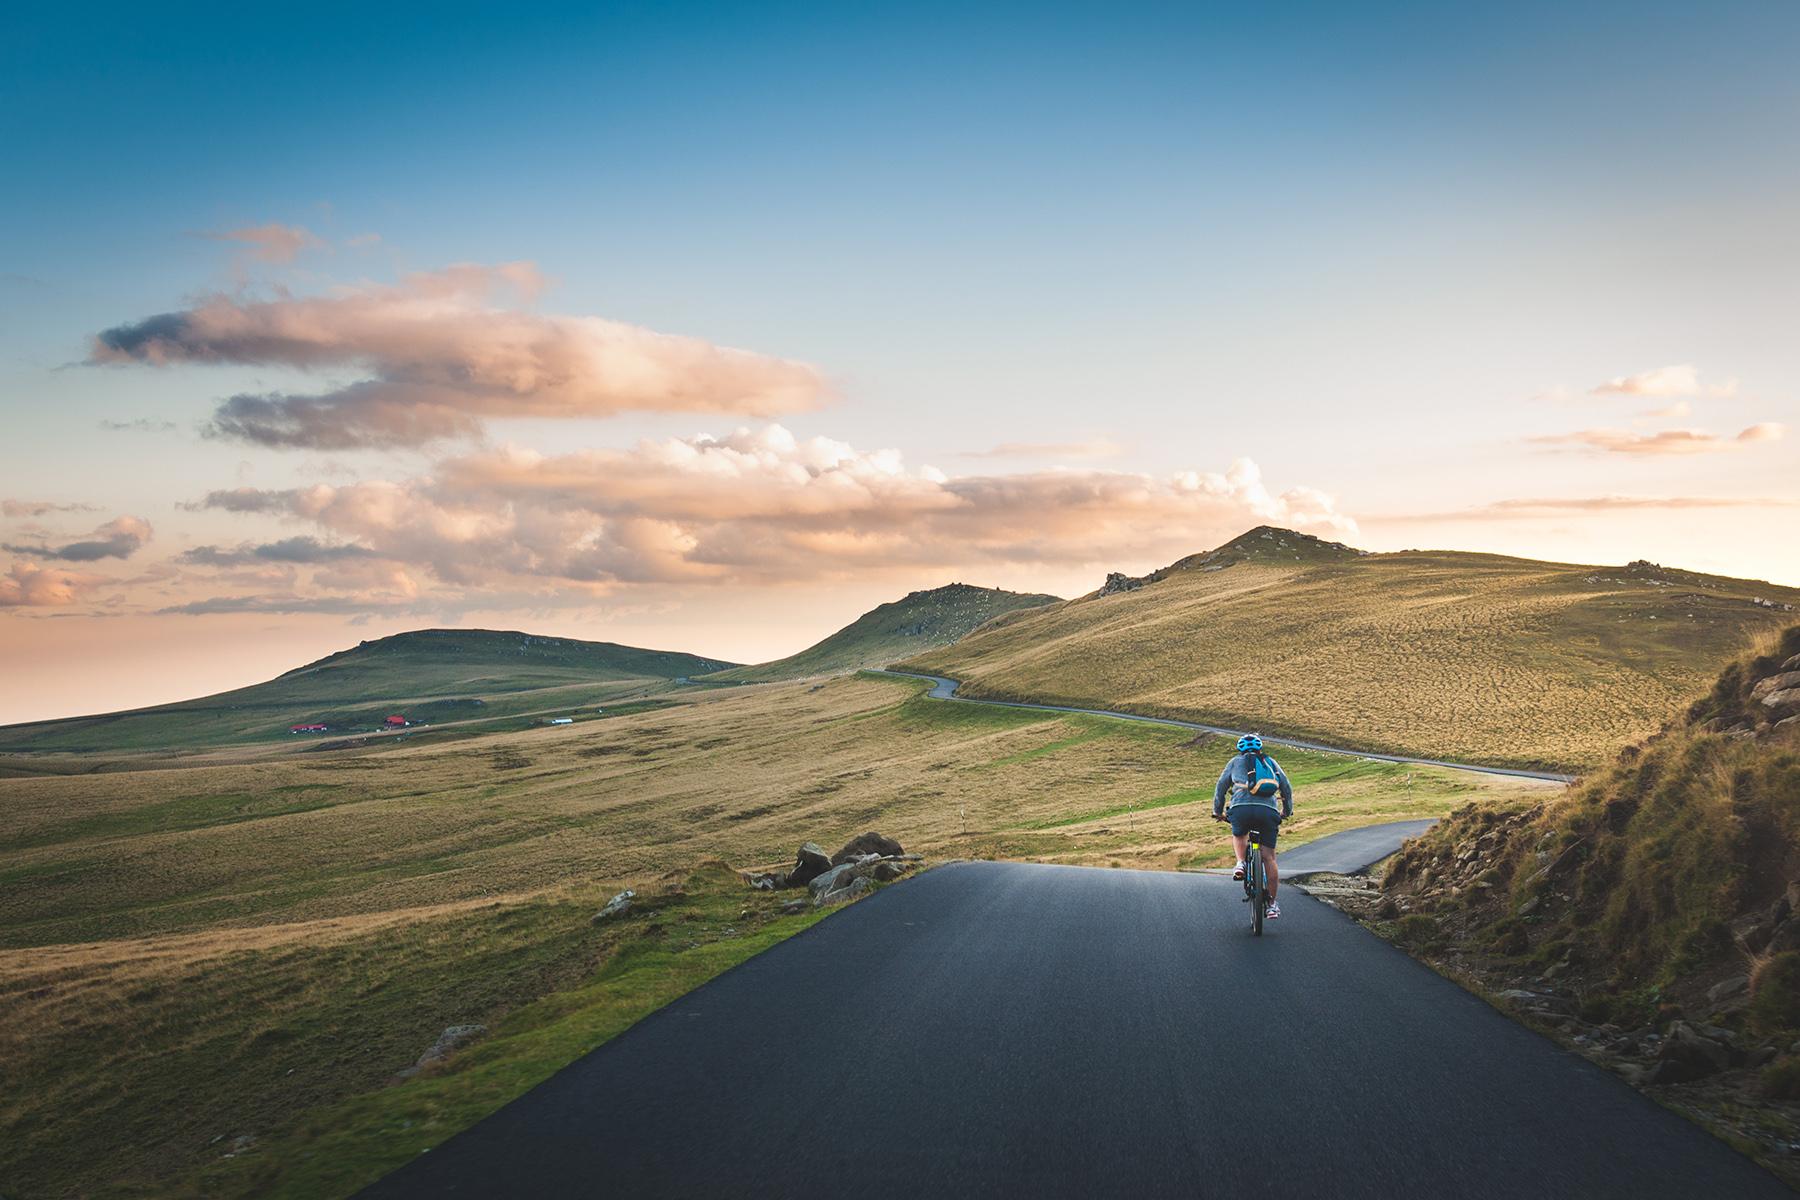 Cyclist in Romania